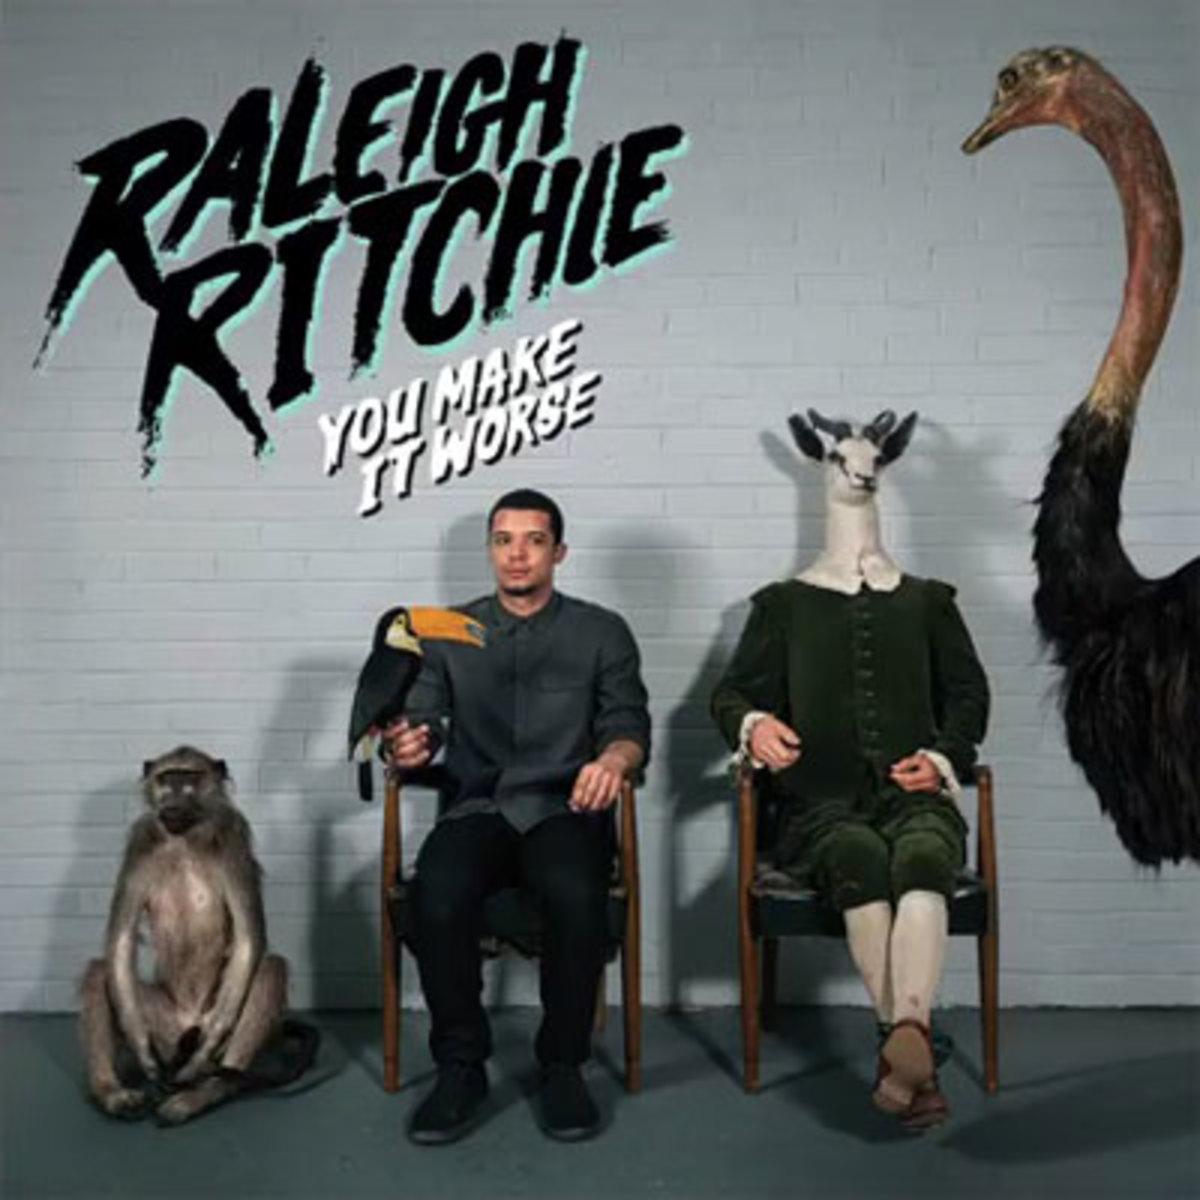 raleighritchie-youmakeitworse.jpg